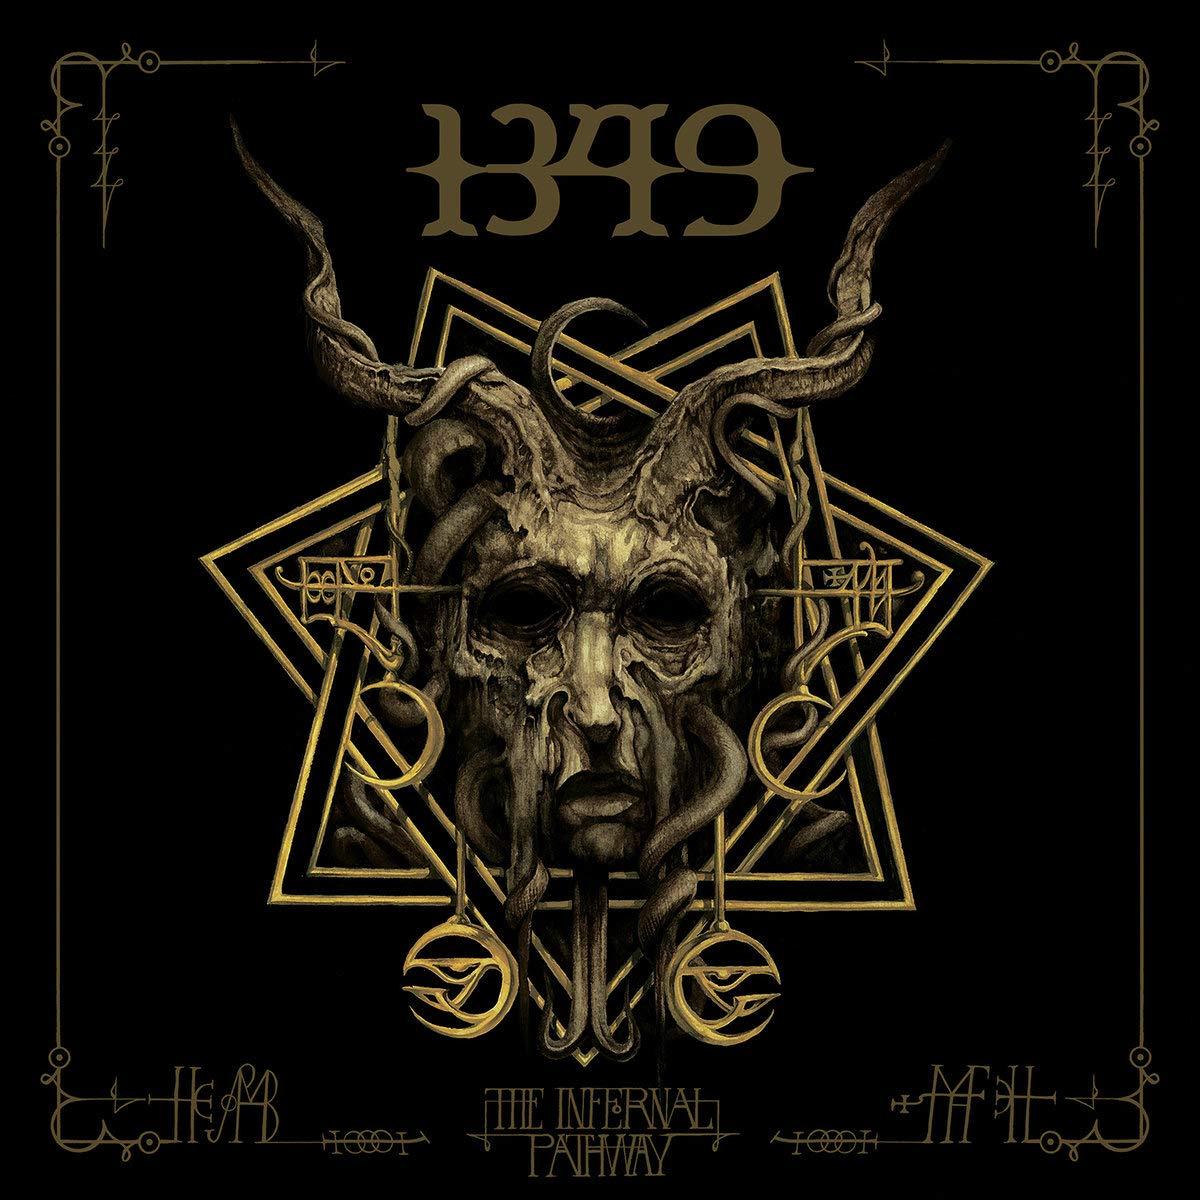 Vinile 1349 - The Infernal Pathway (Silver Vinyl) (2 Lp) NUOVO SIGILLATO, EDIZIONE DEL 18/10/2019 SUBITO DISPONIBILE